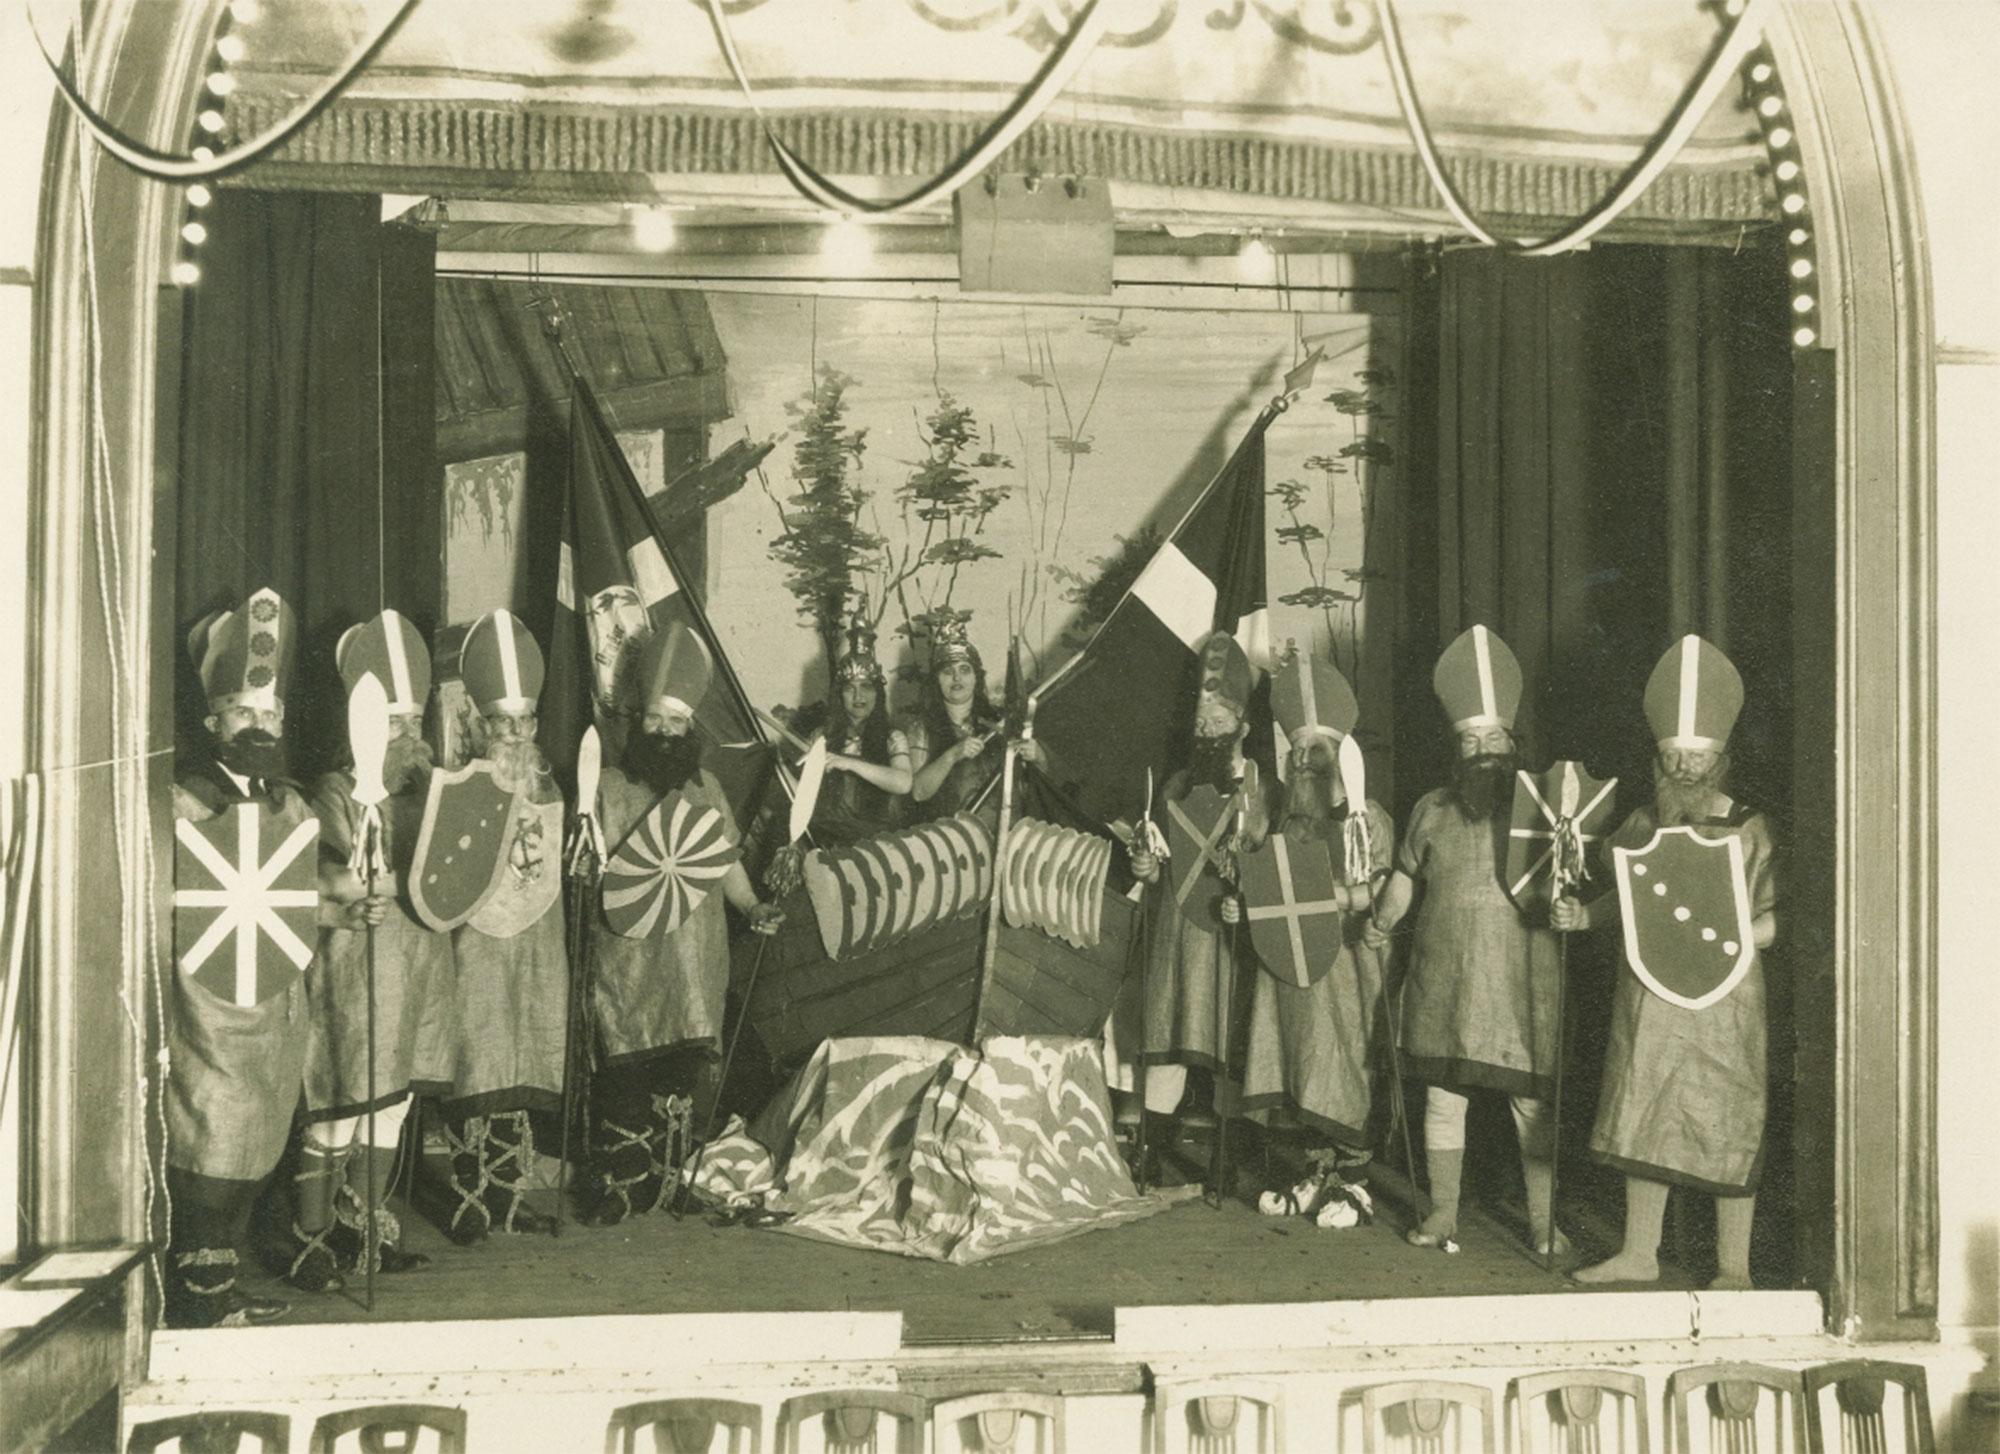 Sangen »Ship Ohoi«, der er kendt i Dragør under titlen »Raske Skipper«, afsynges ved revypremiere i Dragør Skibsfører- og Skibsrederforening på Dragør Strandhotel i marts 1928. Foto: Historisk Arkiv Dragør.